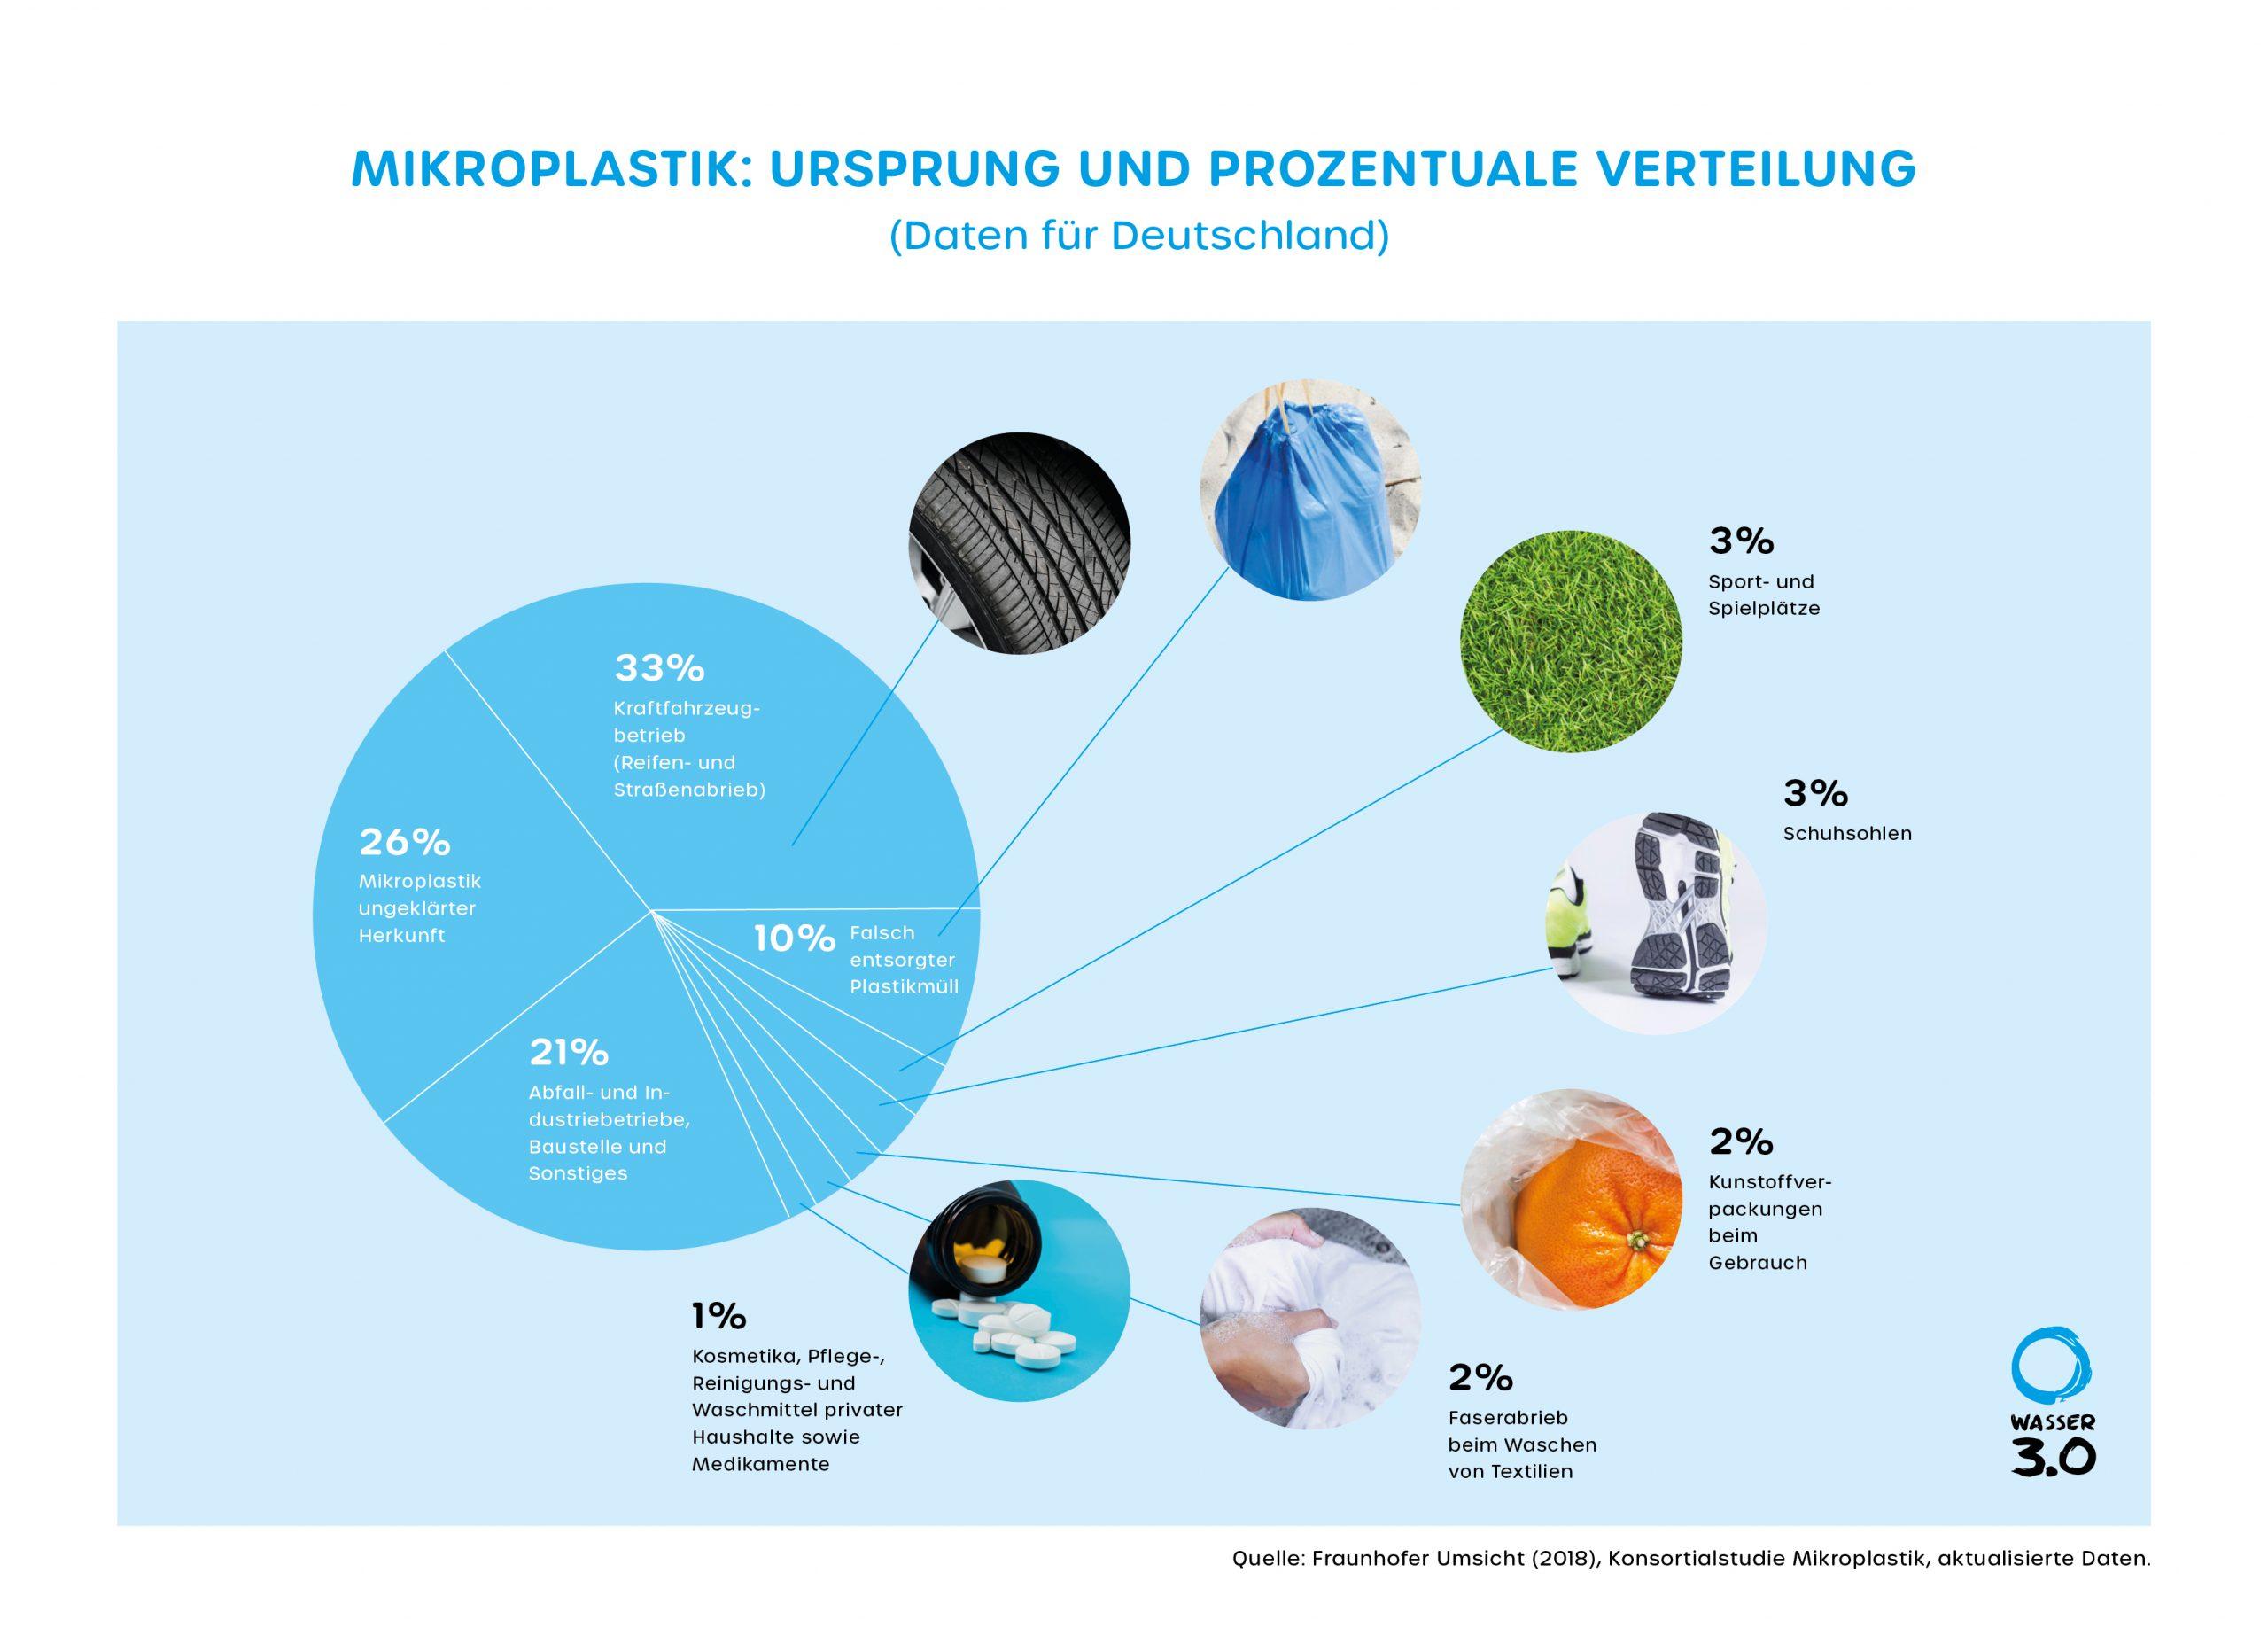 Mikroplastik: Ursprung und prozentuale Verteilung